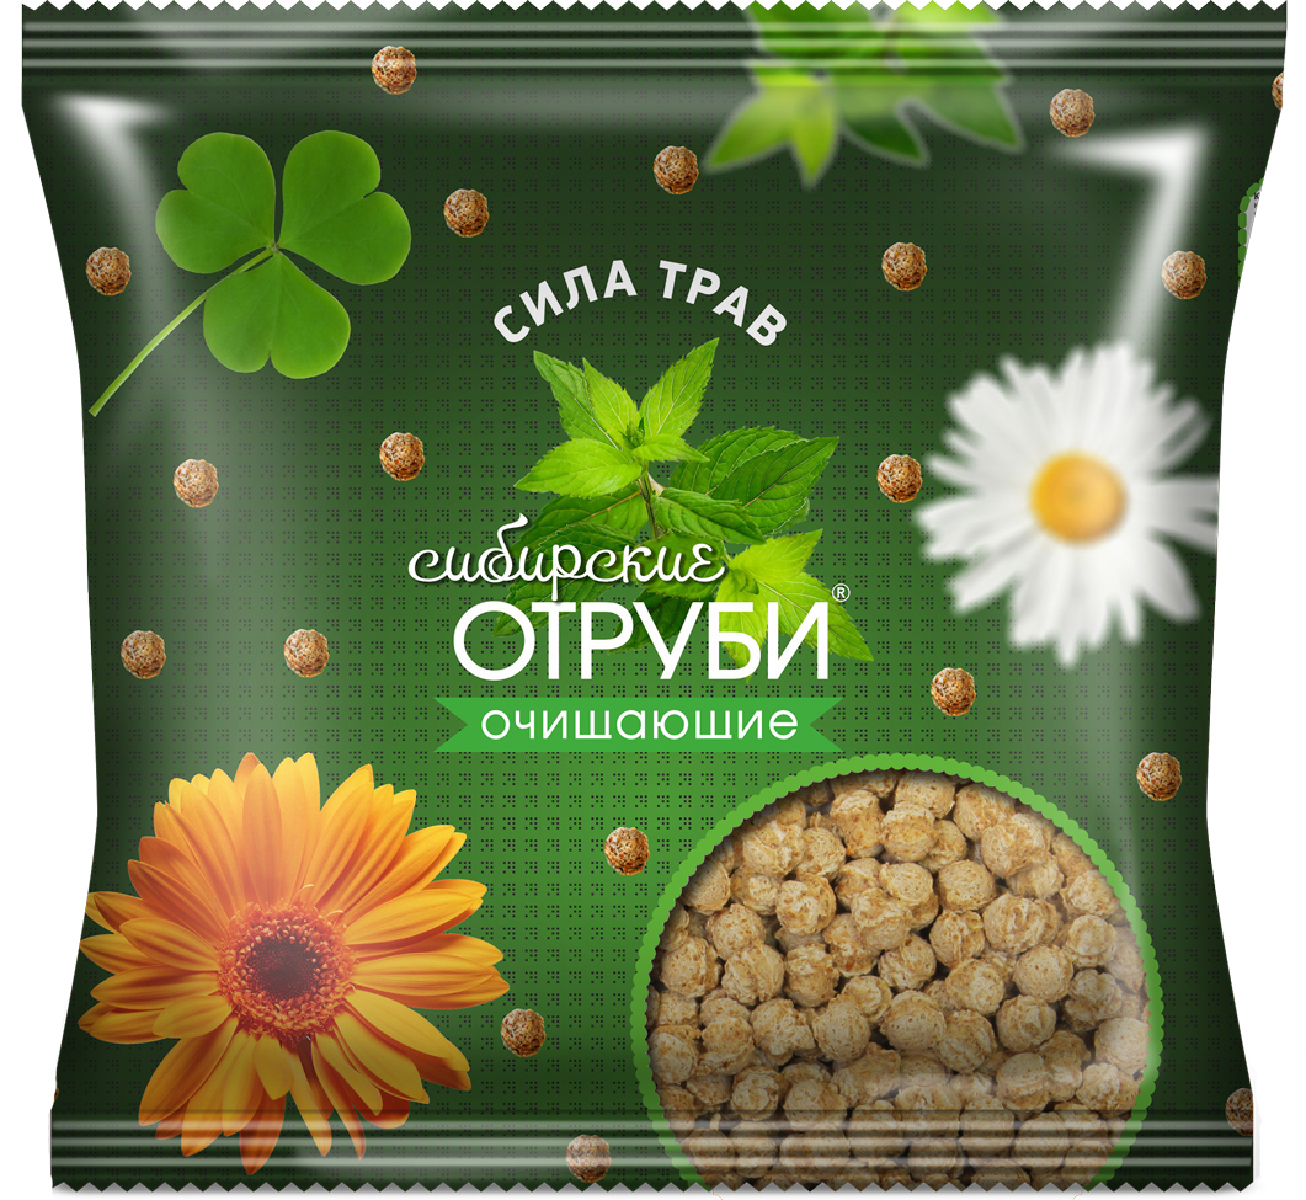 Сибирские Отруби хрустящие сила трав, 100 г сибирские отруби хрустящие сила ягод 100 г